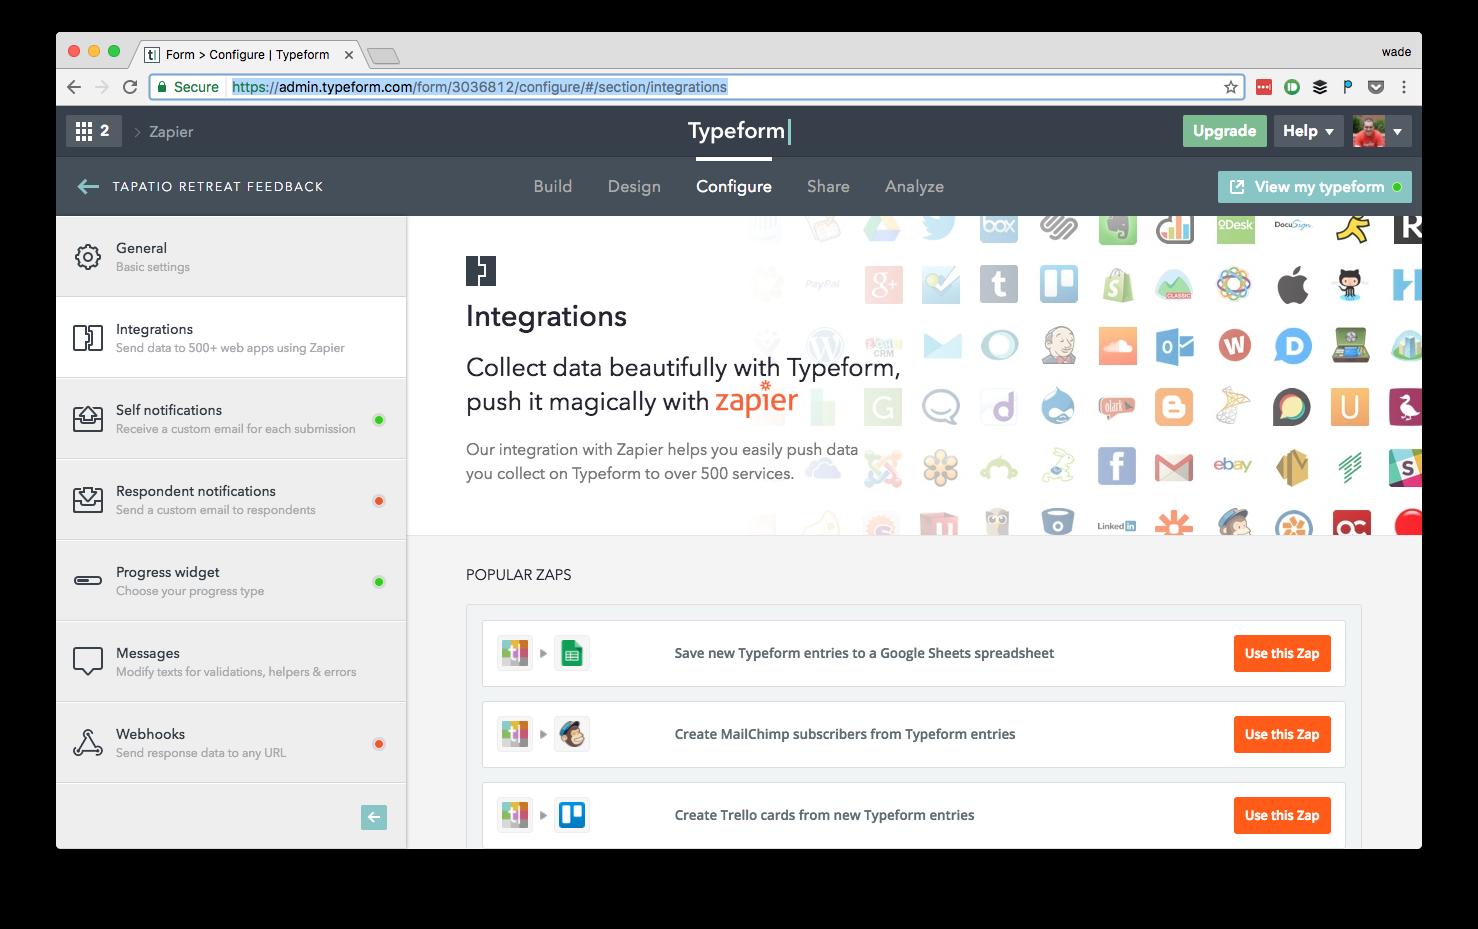 Typeform integrations